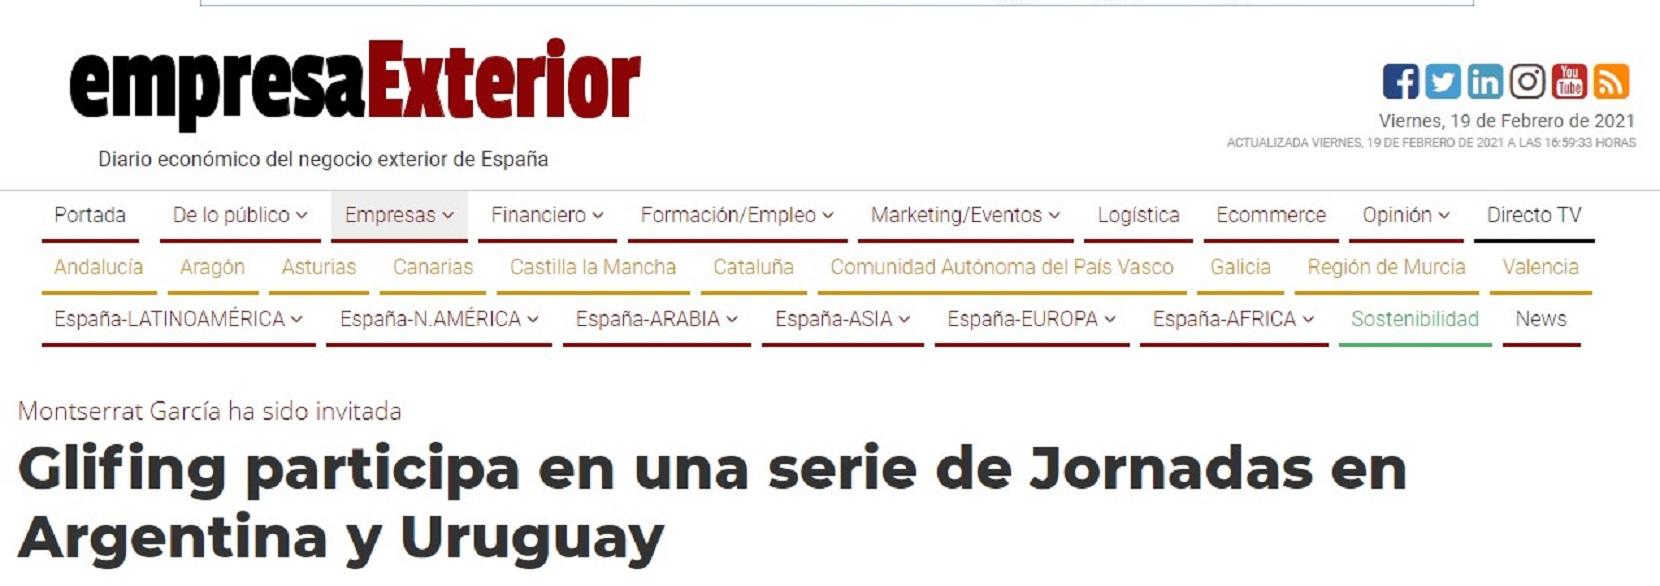 """Glifing en """"Empresaexterior.com"""" - 02/05/2019 gabinete de prensa"""